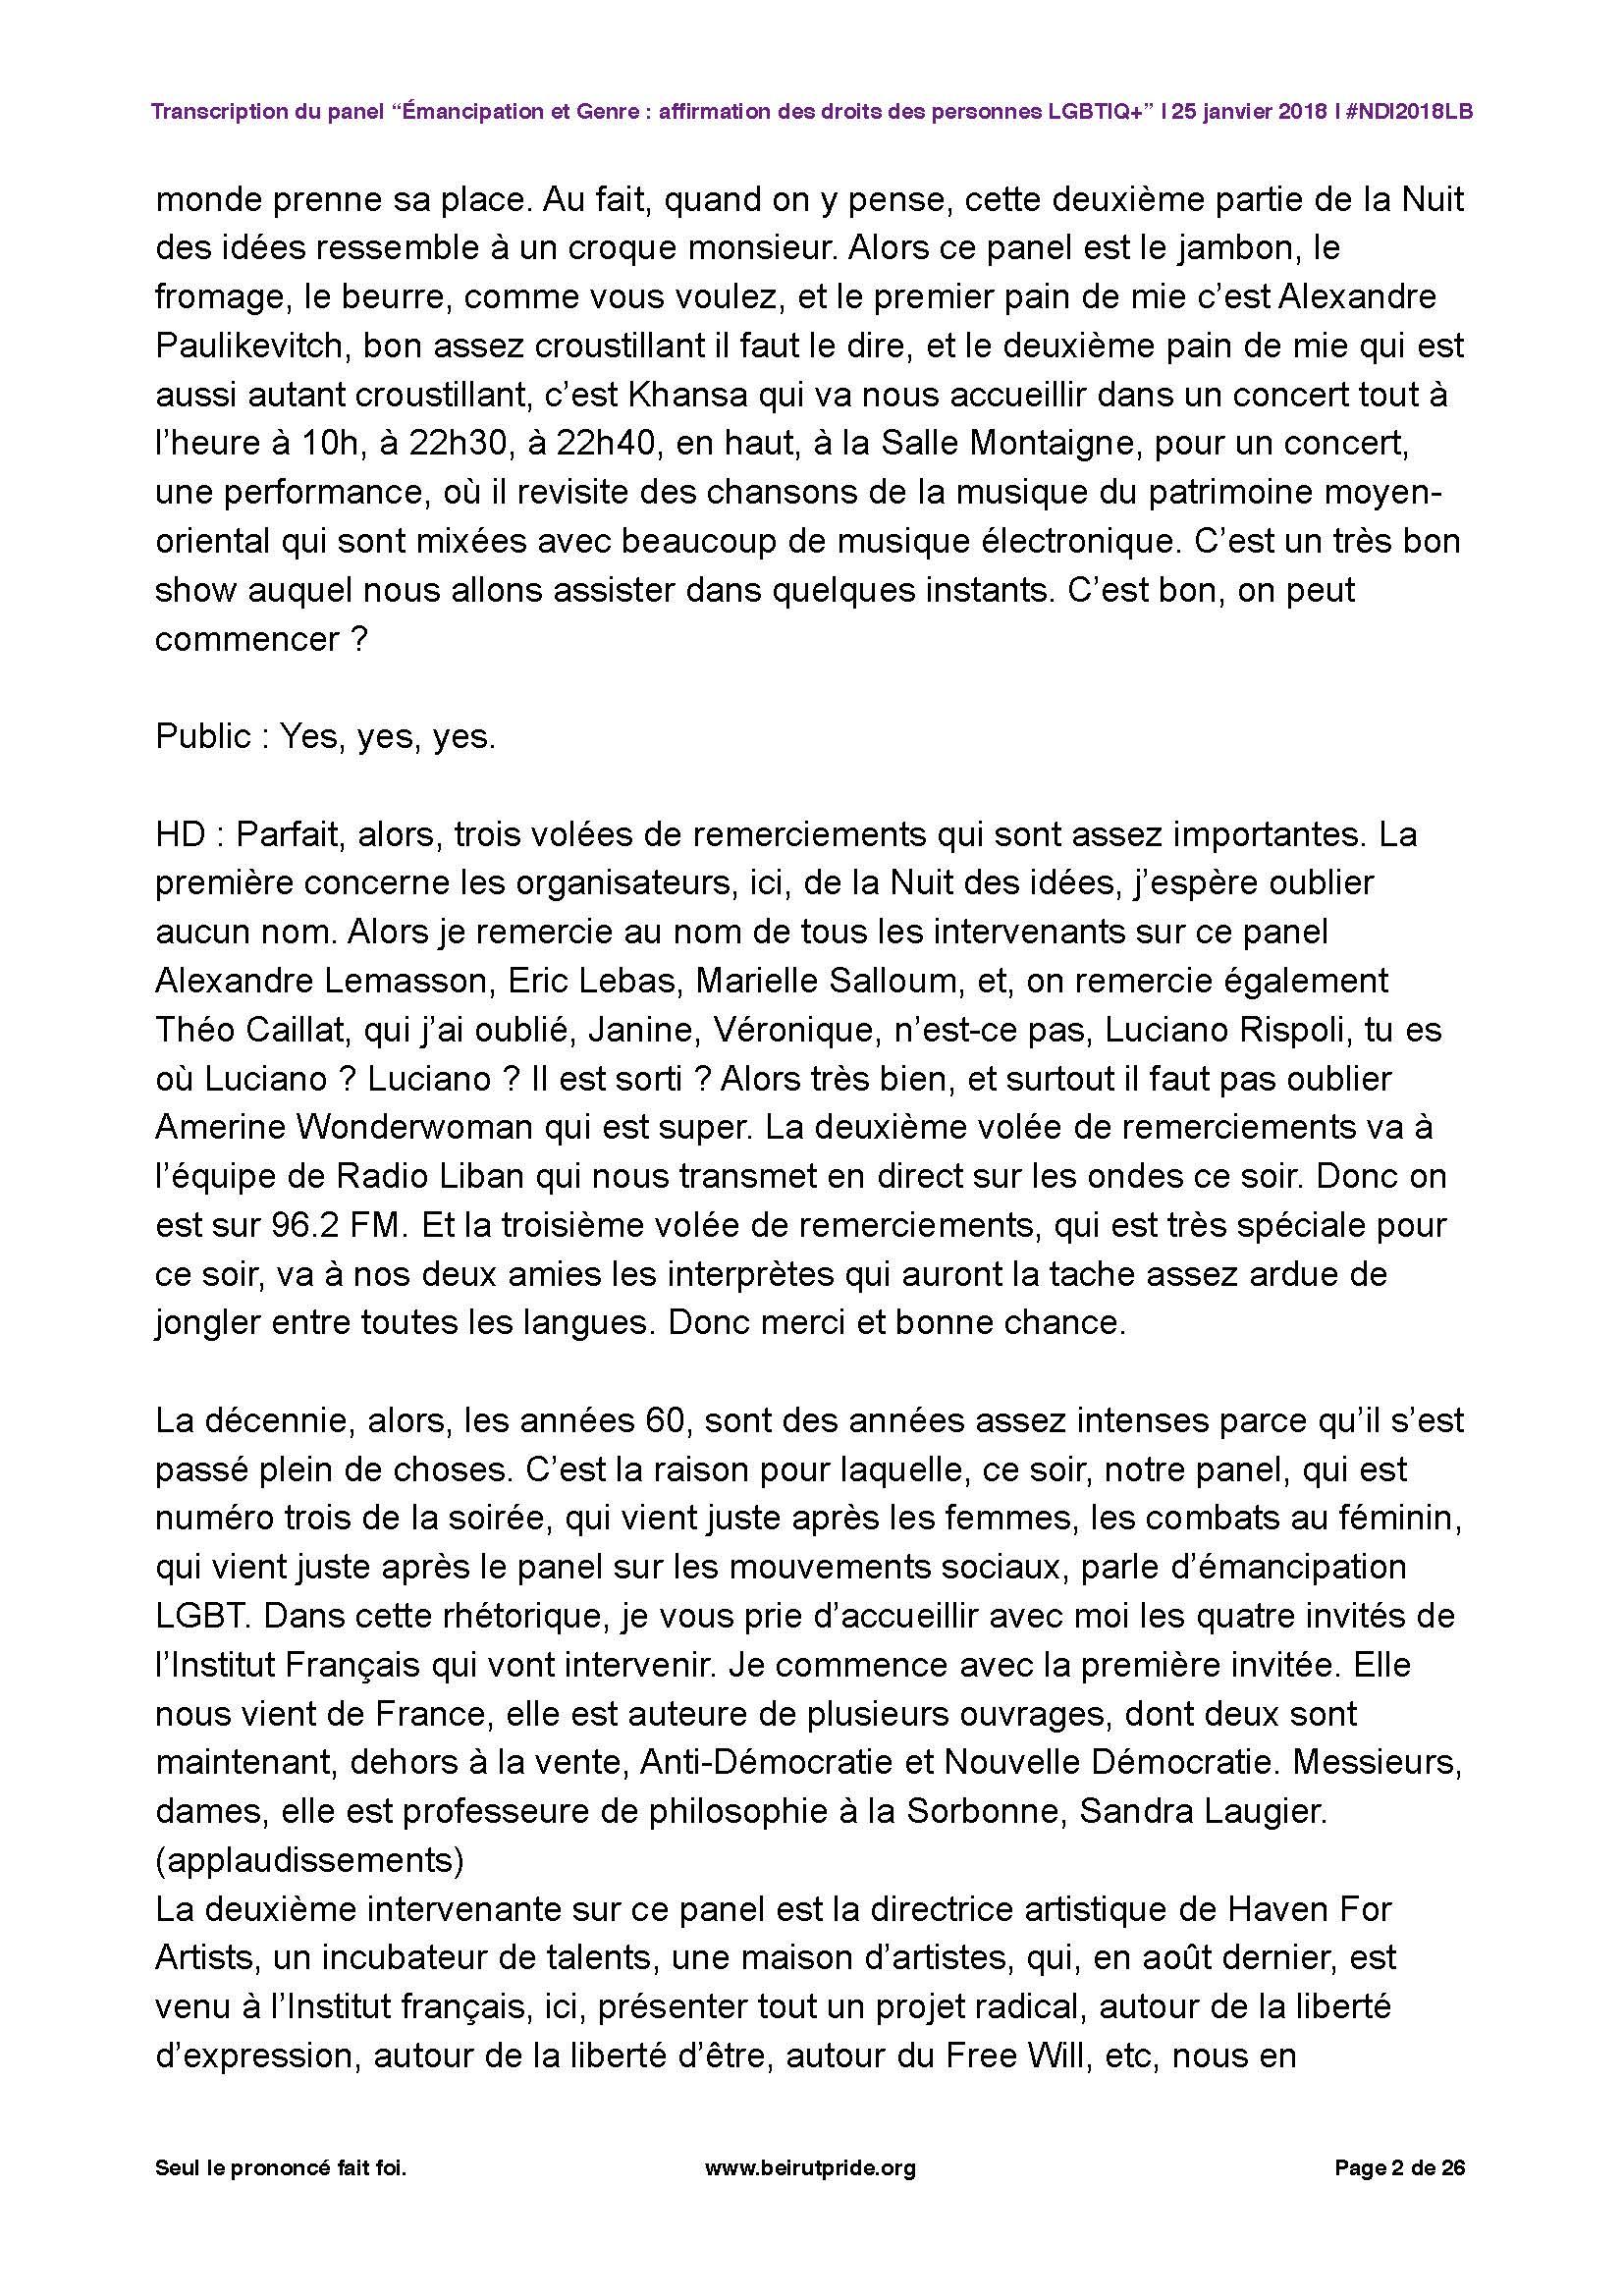 Transcription Nuit des idées 2018_Page_02.jpg